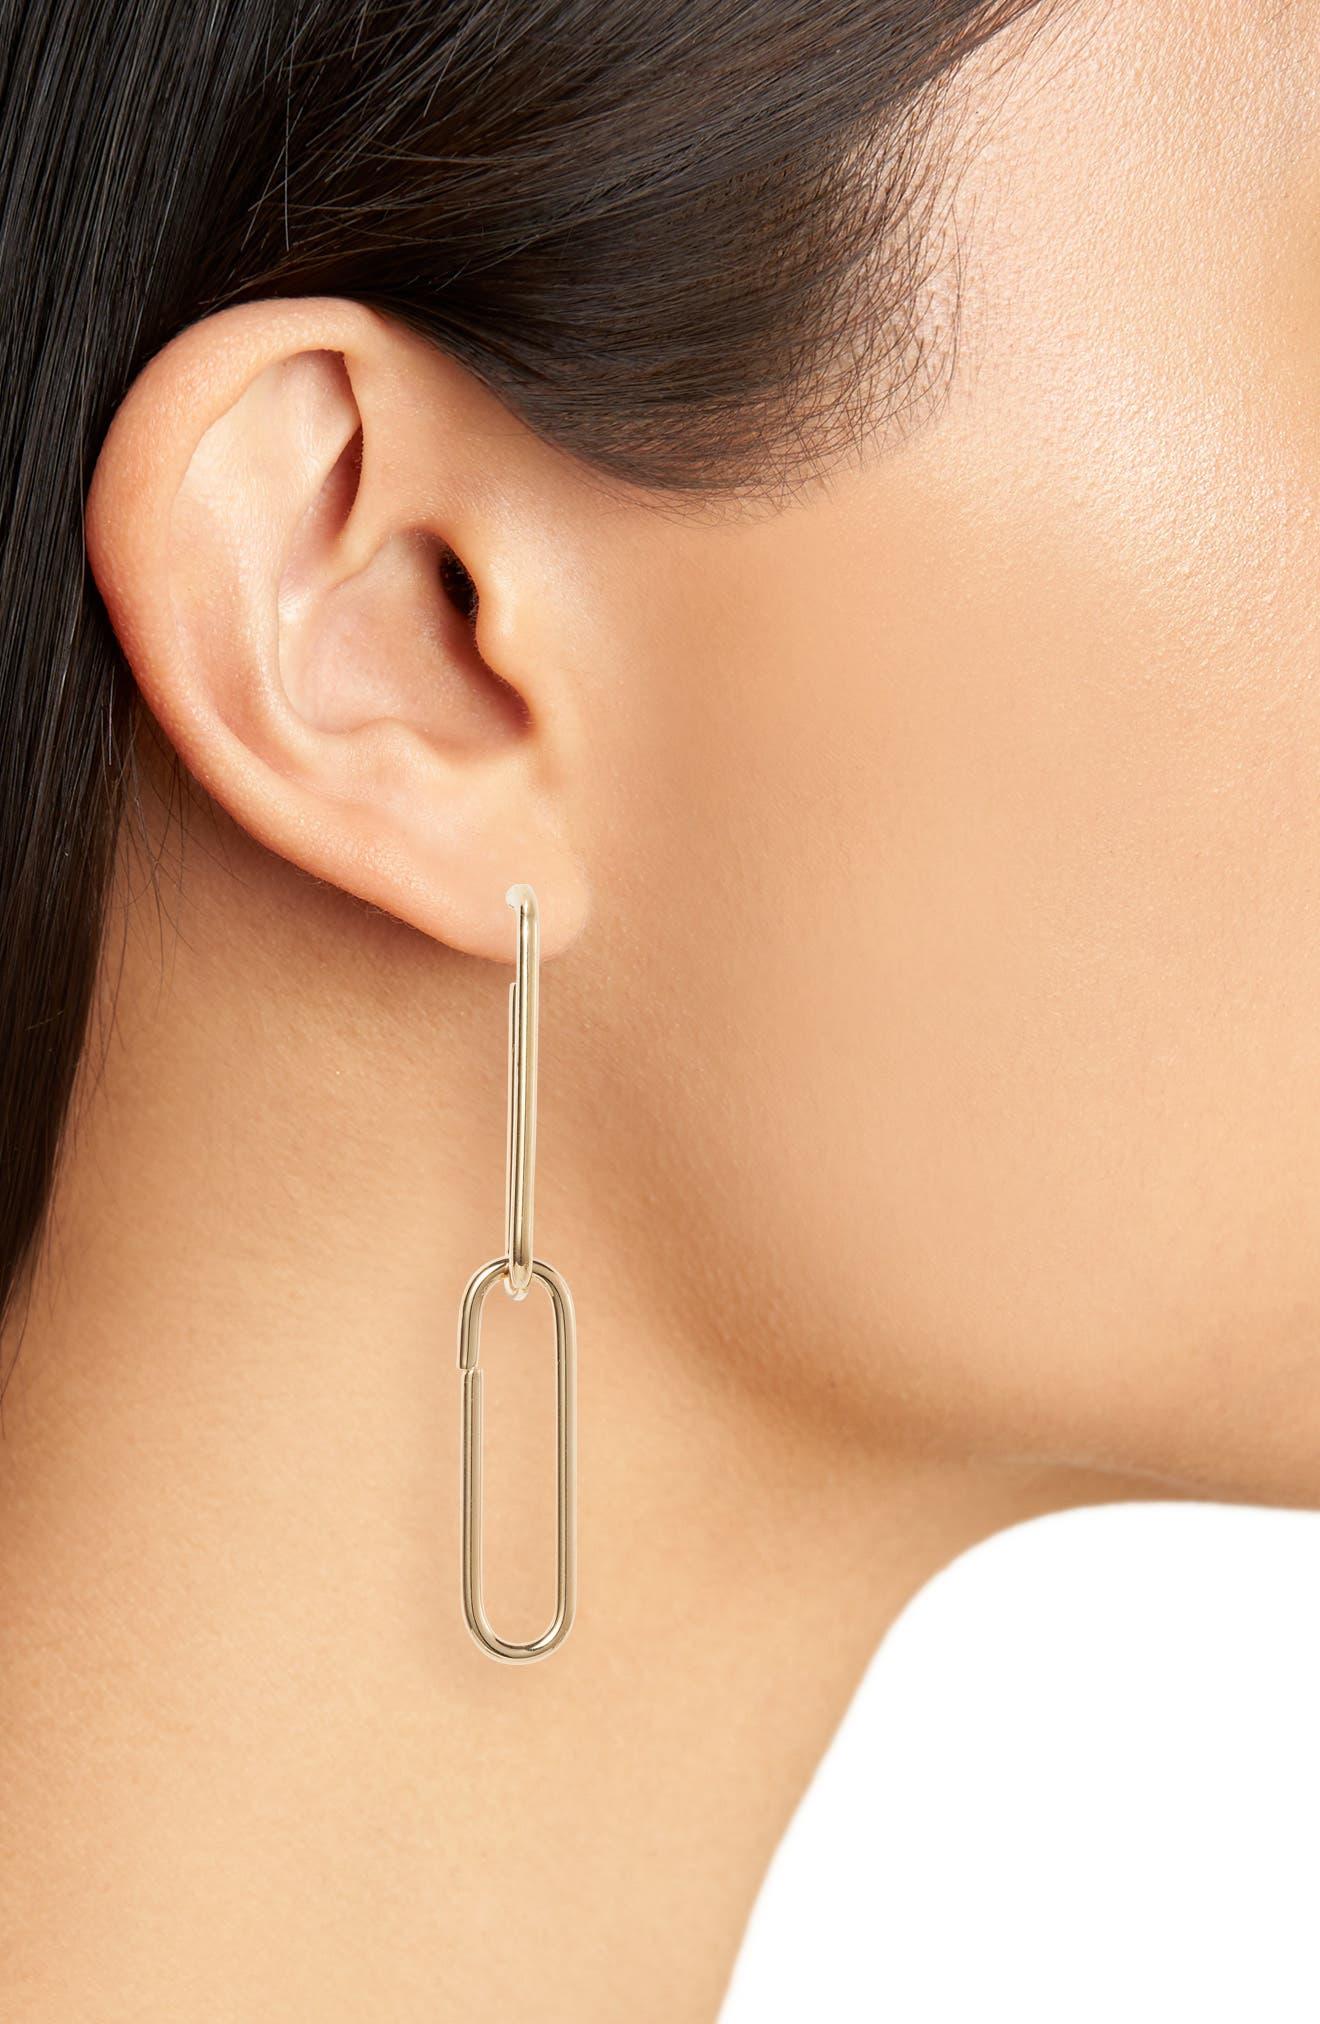 Evie Earrings,                             Alternate thumbnail 2, color,                             GOLD